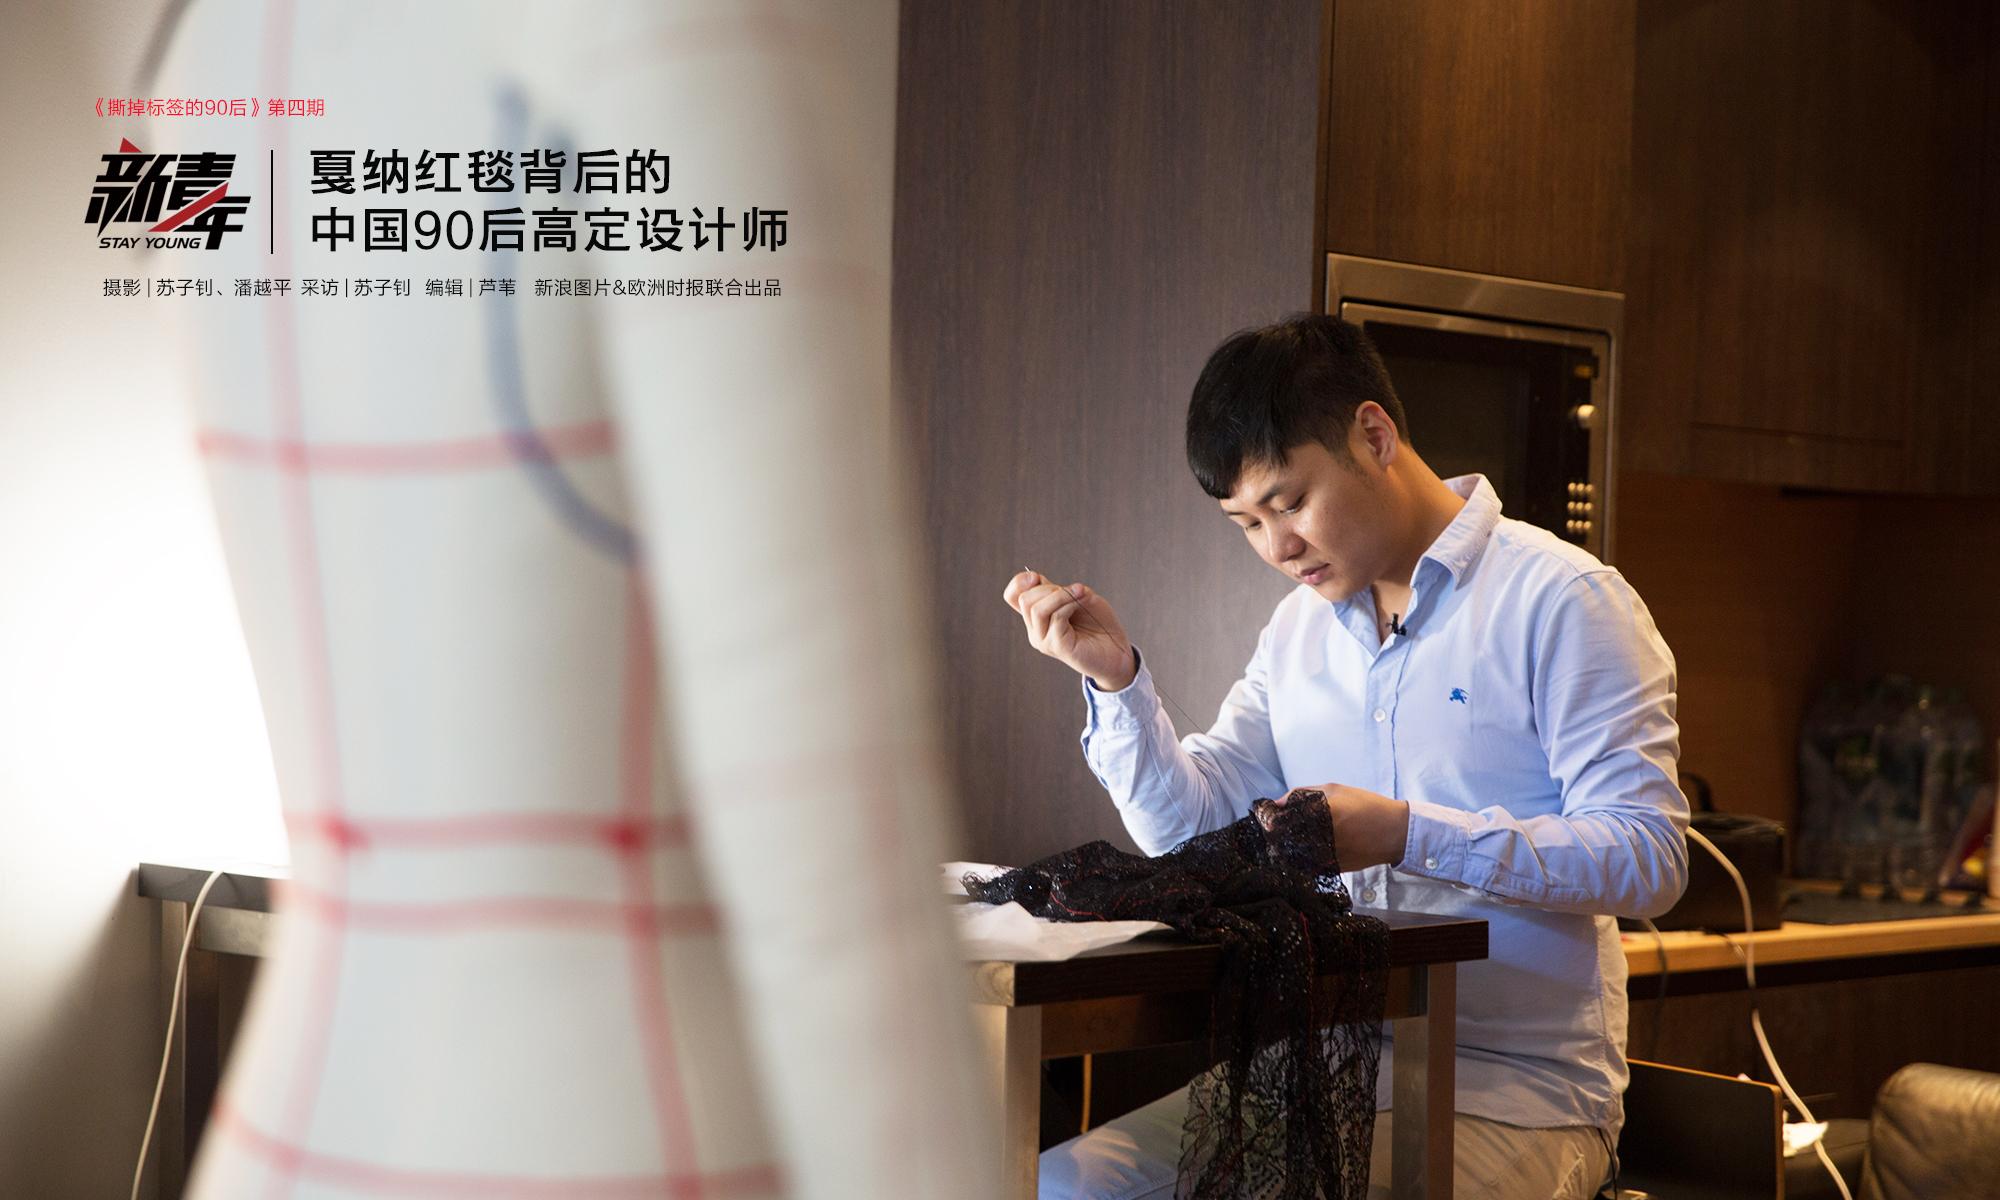 狐友國民校草張恩豪:上天不負努力的人